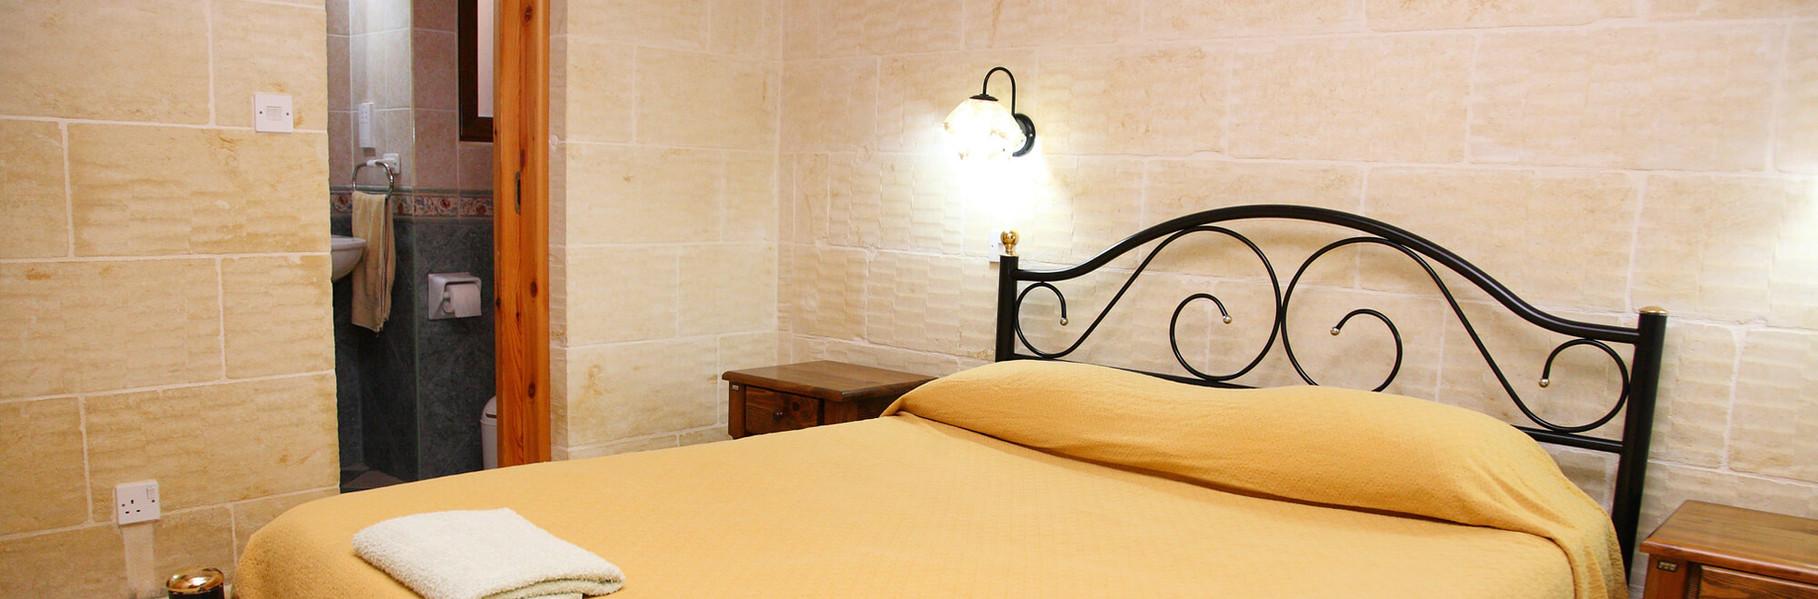 bedroom-ensuite-3dor.jpg